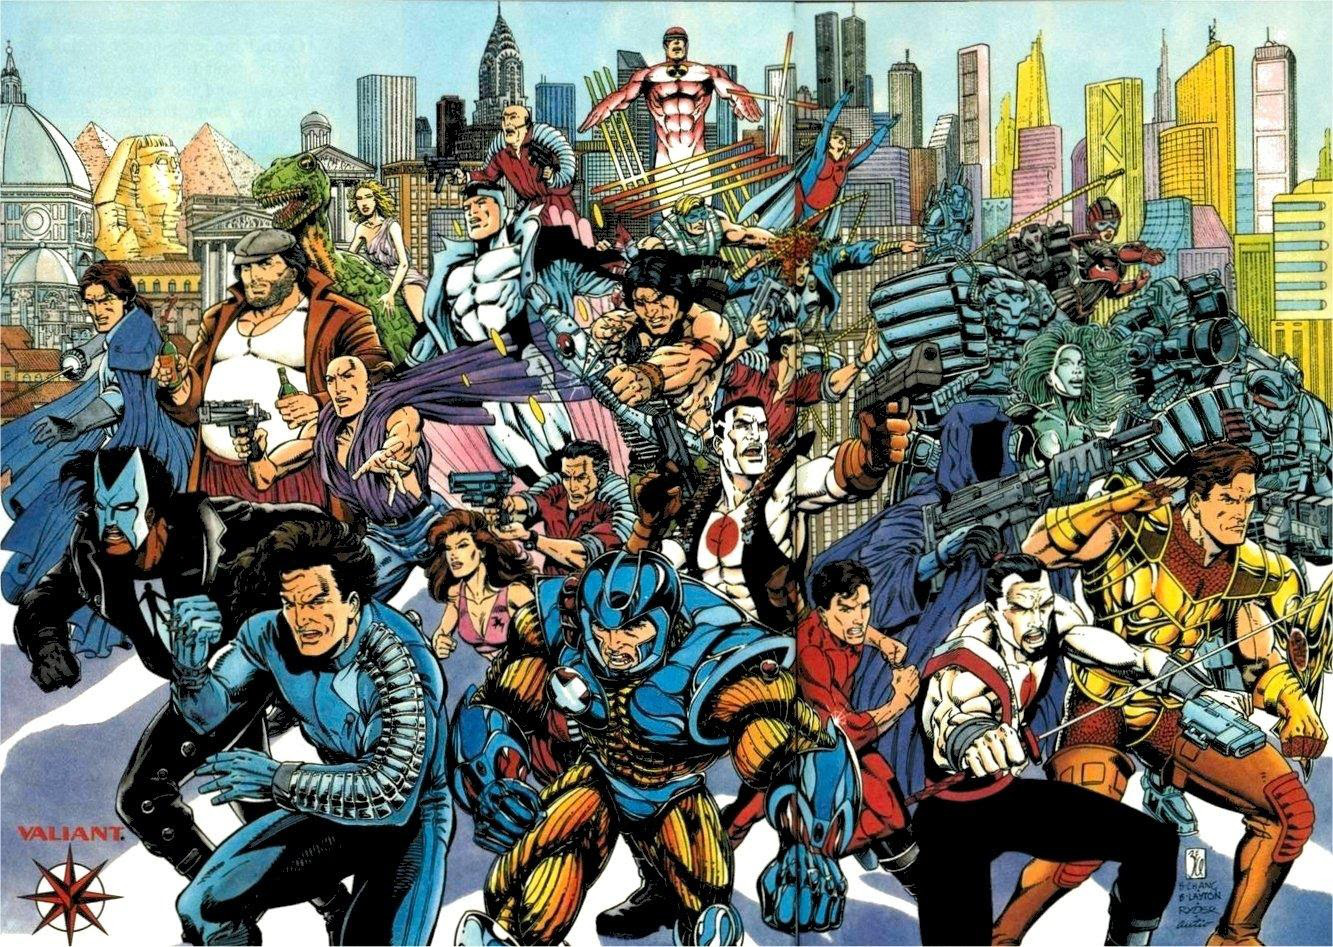 Vũ trụ điện ảnh siêu anh hùng Valiant.